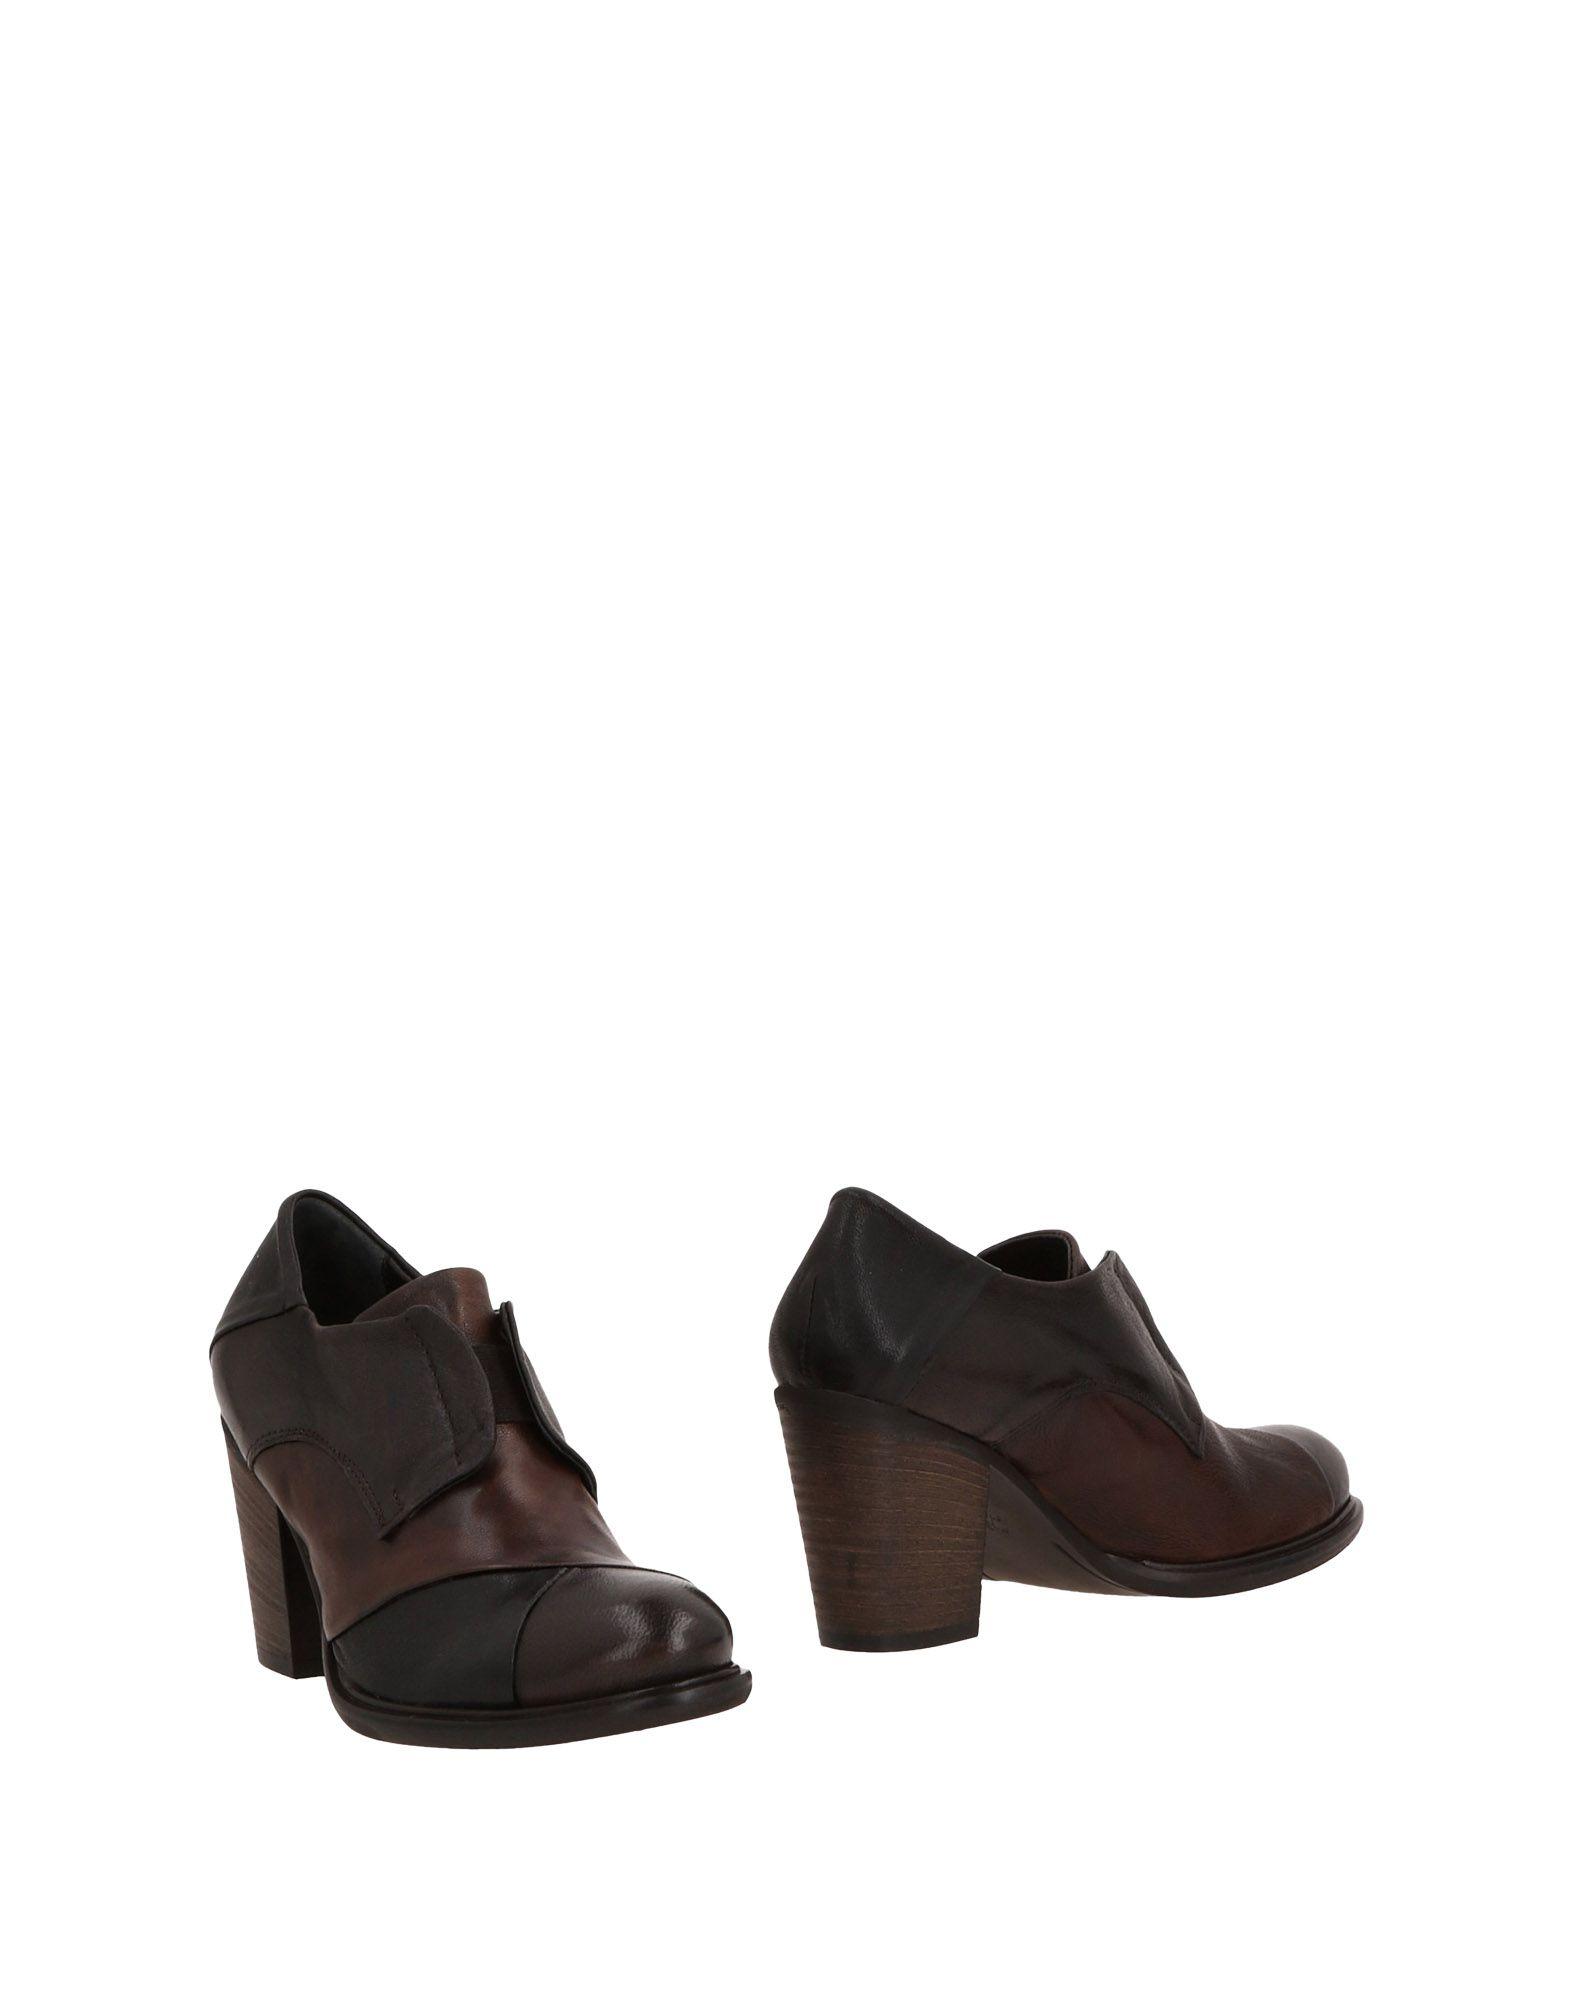 Sienna Schuhe White Stiefelette Damen  11479411KK Gute Qualität beliebte Schuhe Sienna b43cfd